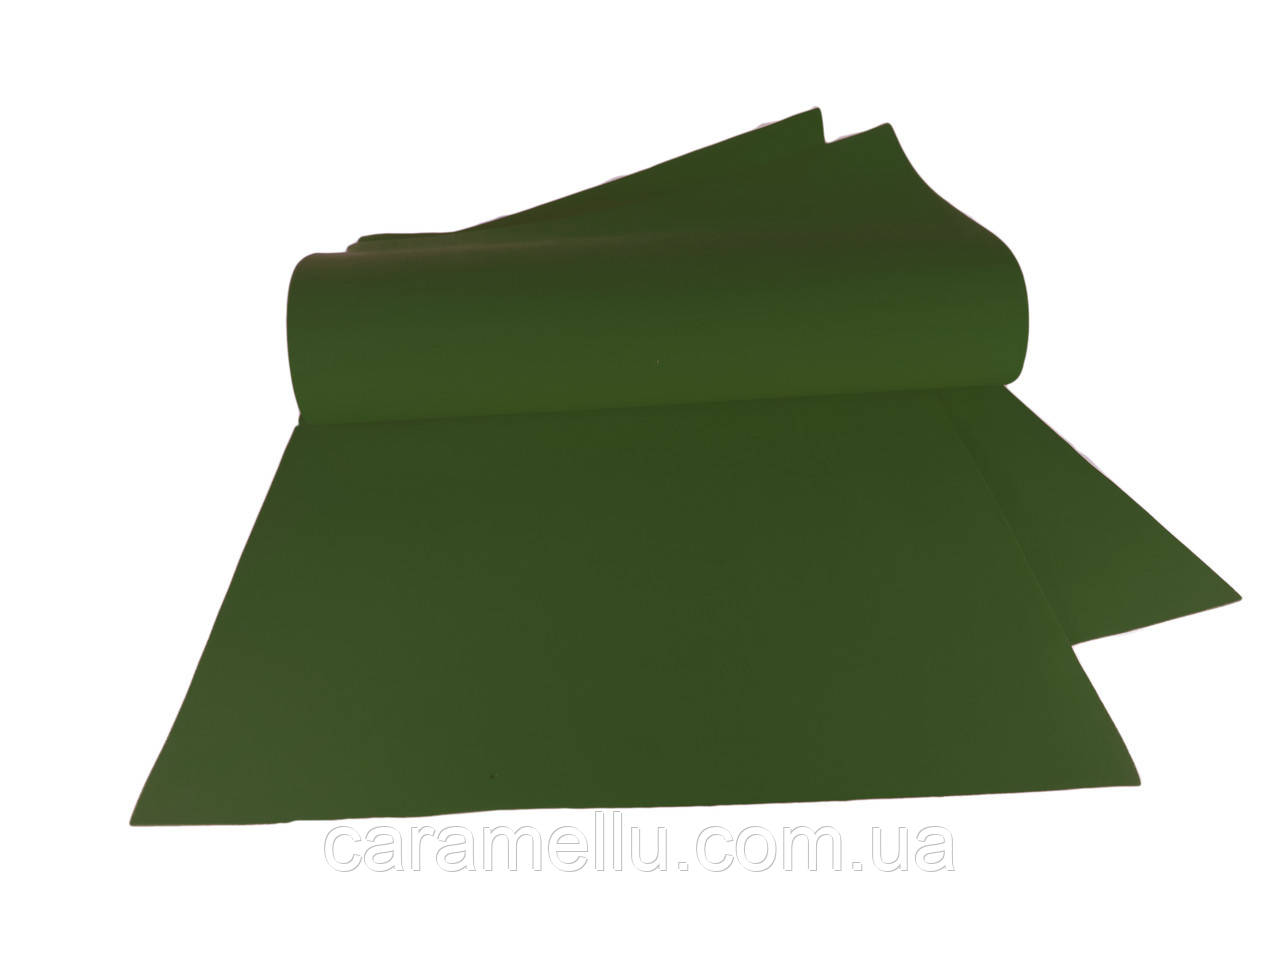 Фоамиран иранский 120, Морской Зеленый, 1мм, 70х30см.